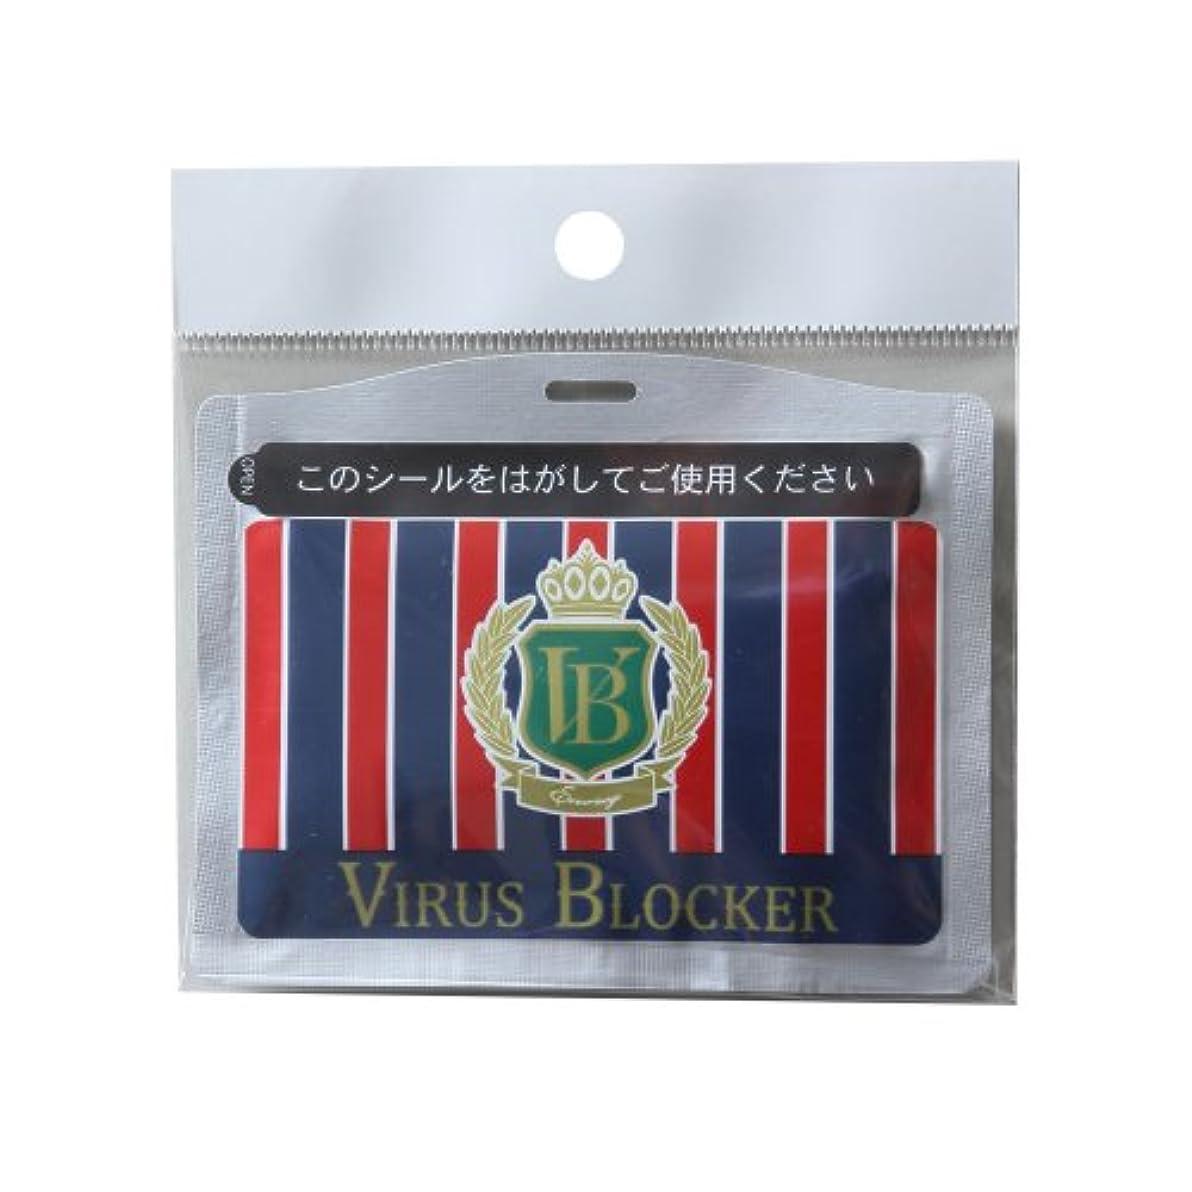 サンドイッチ物足りないペレグリネーションウイルスブロッカーVB トラッド レフィル (CLA48)